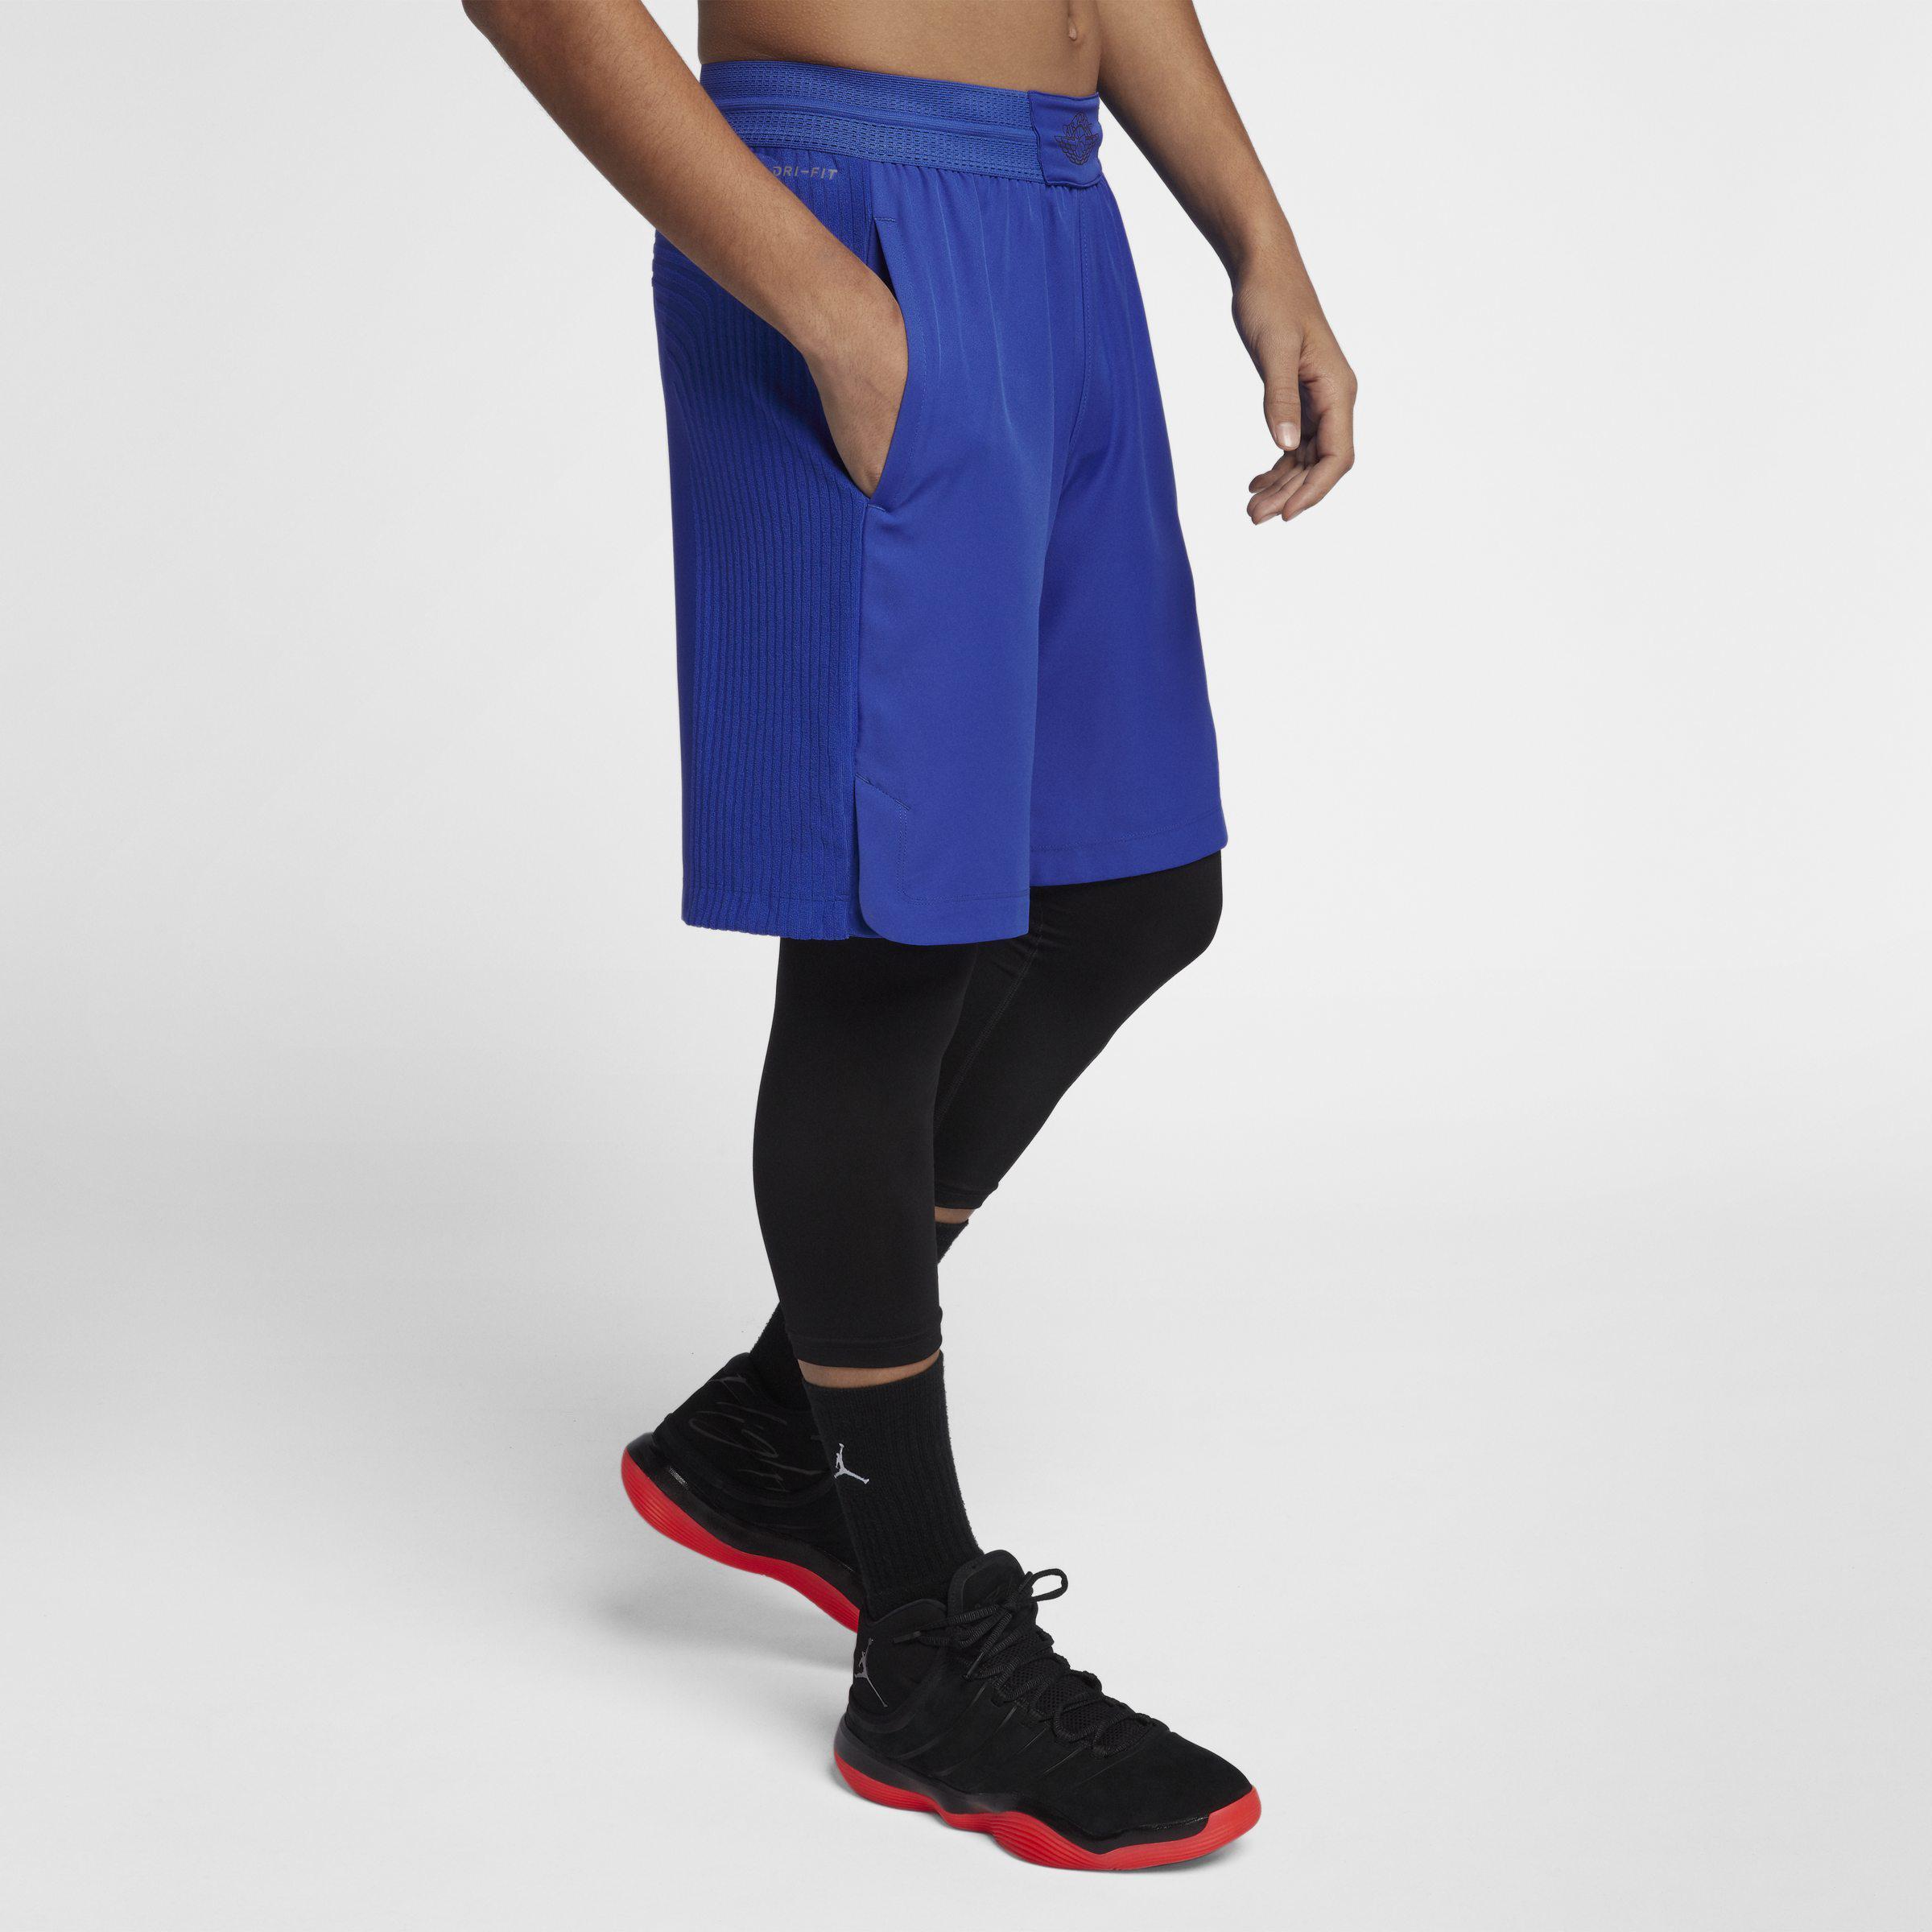 74fdf3fd39af Nike Jordan Ultimate Flight Basketball Shorts in Blue for Men - Lyst